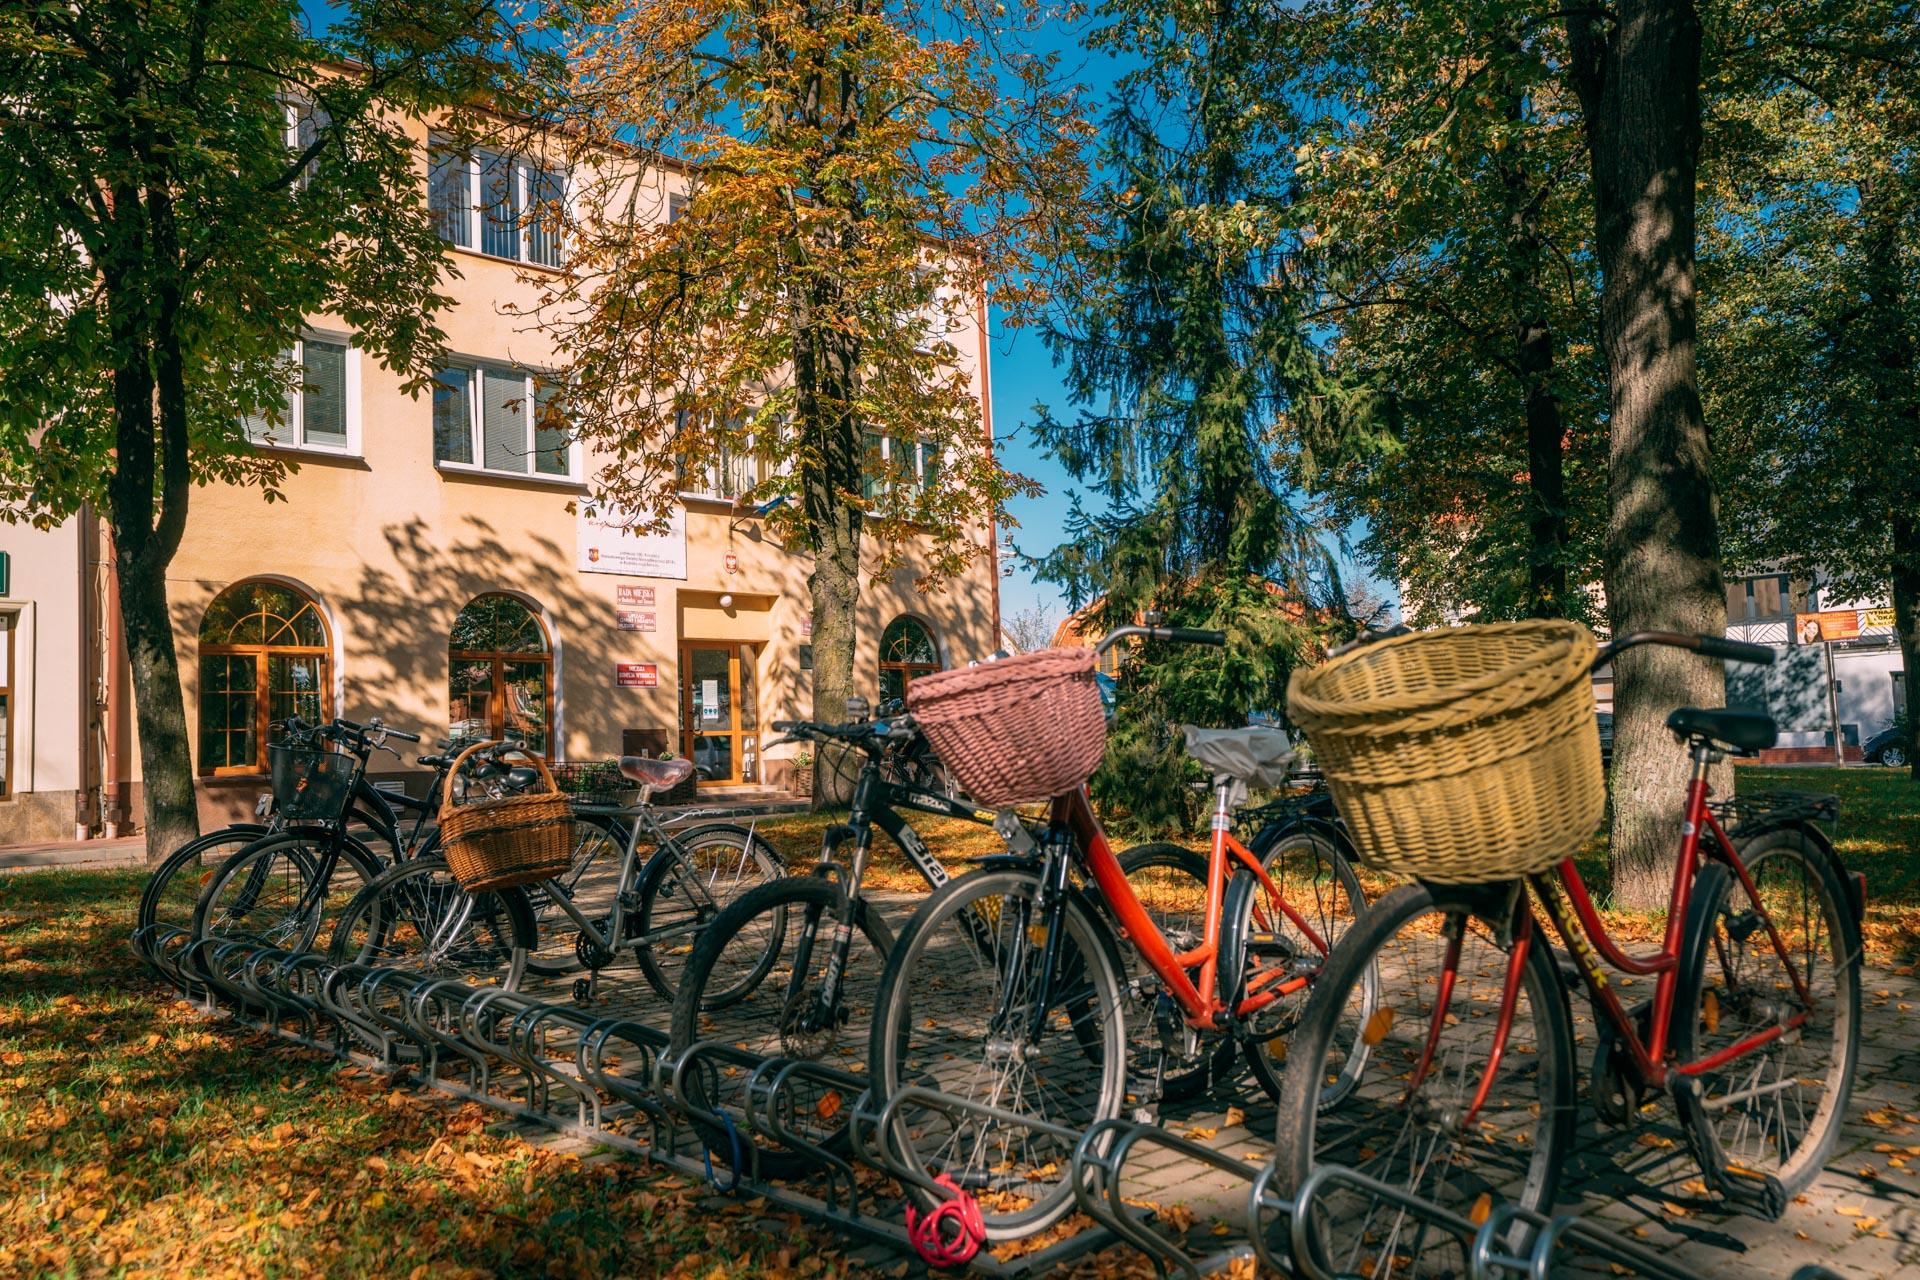 Rowery ustawione nametalowym stojaku przedbudynkiem koloru piaskowego. Dwa rowery czerwone ireszta czarne. Nakierownicach czerwonych rowerów są zamocowane wiklinowe kosze nazakupy